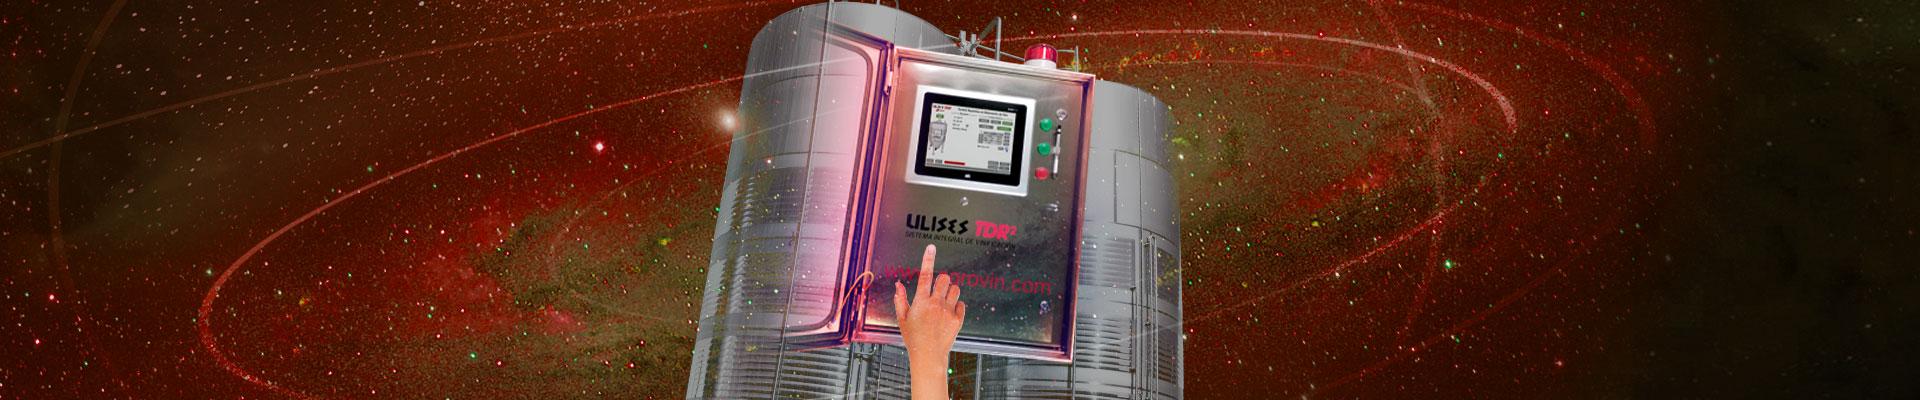 Convierte cualquier depósito tradicional en un vinificador automático